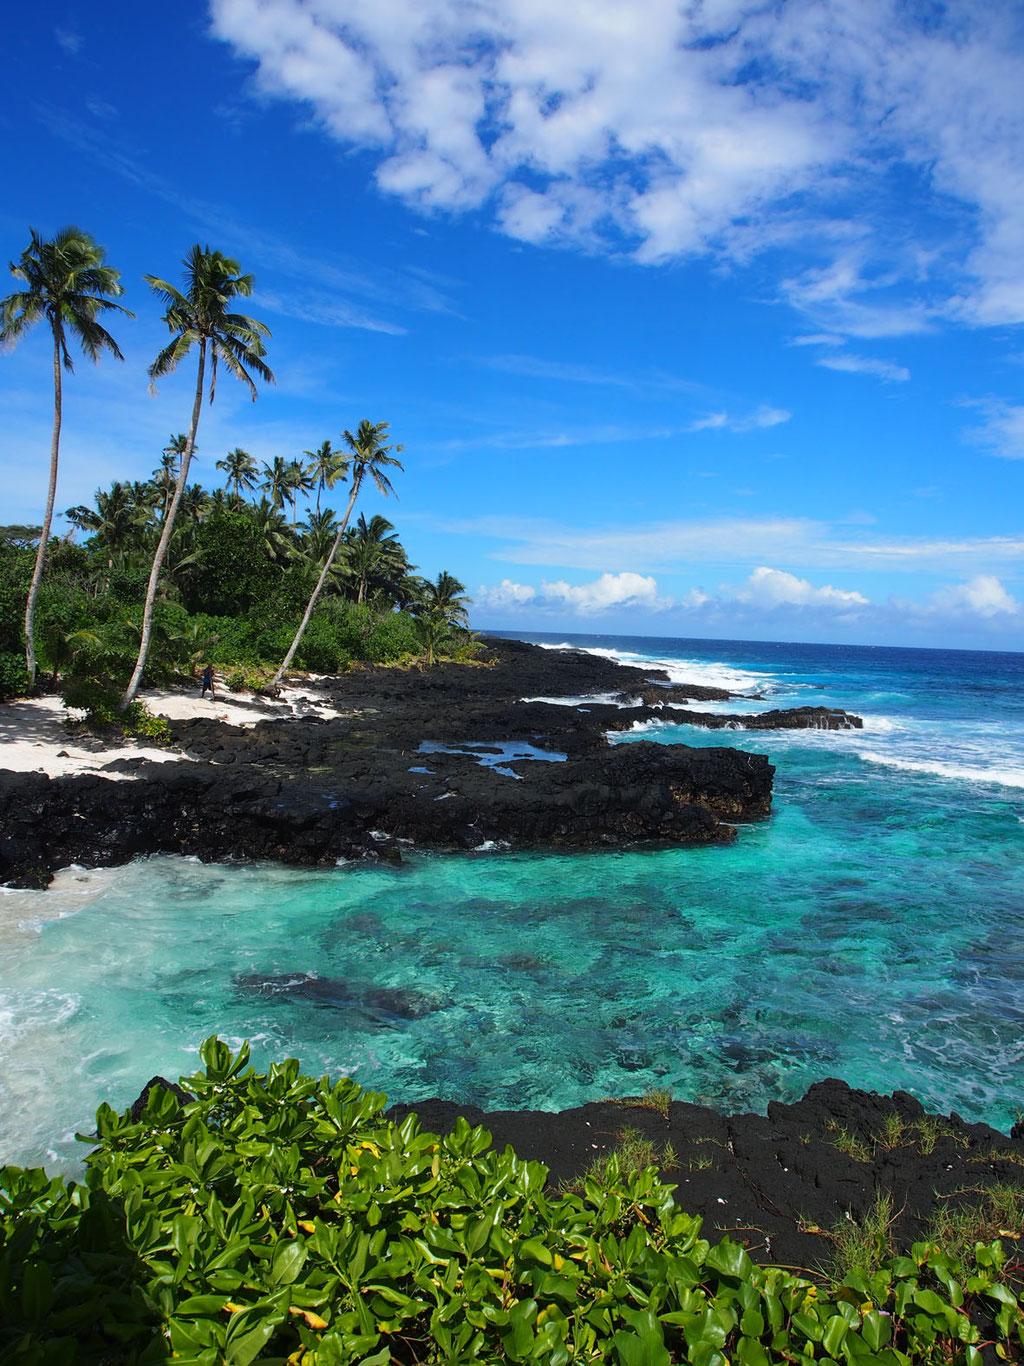 Samoa: Return to Paradise Beach, wo der gleichnamige Film mit Gary Cooper gedreht wurde